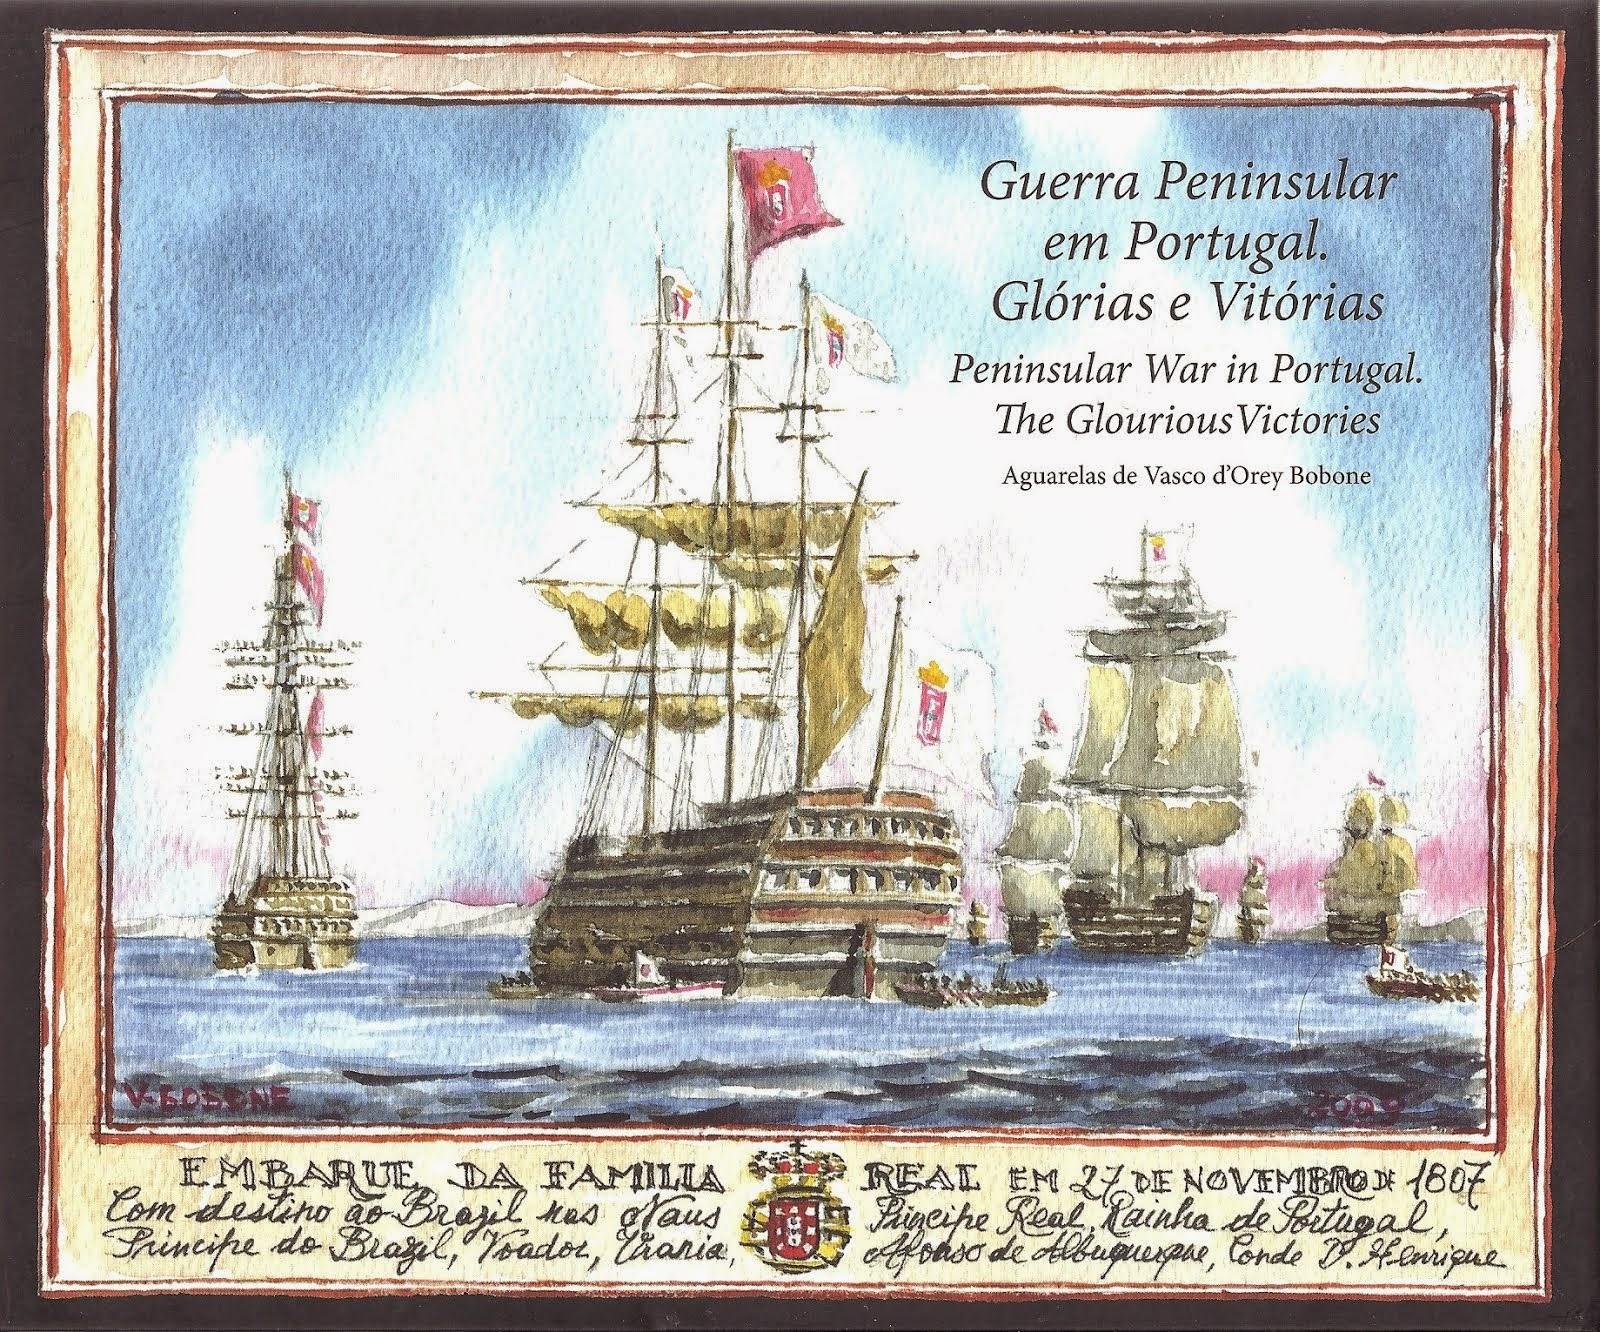 Guerras Peninsulares em Portugal. Glorias e Vitórias